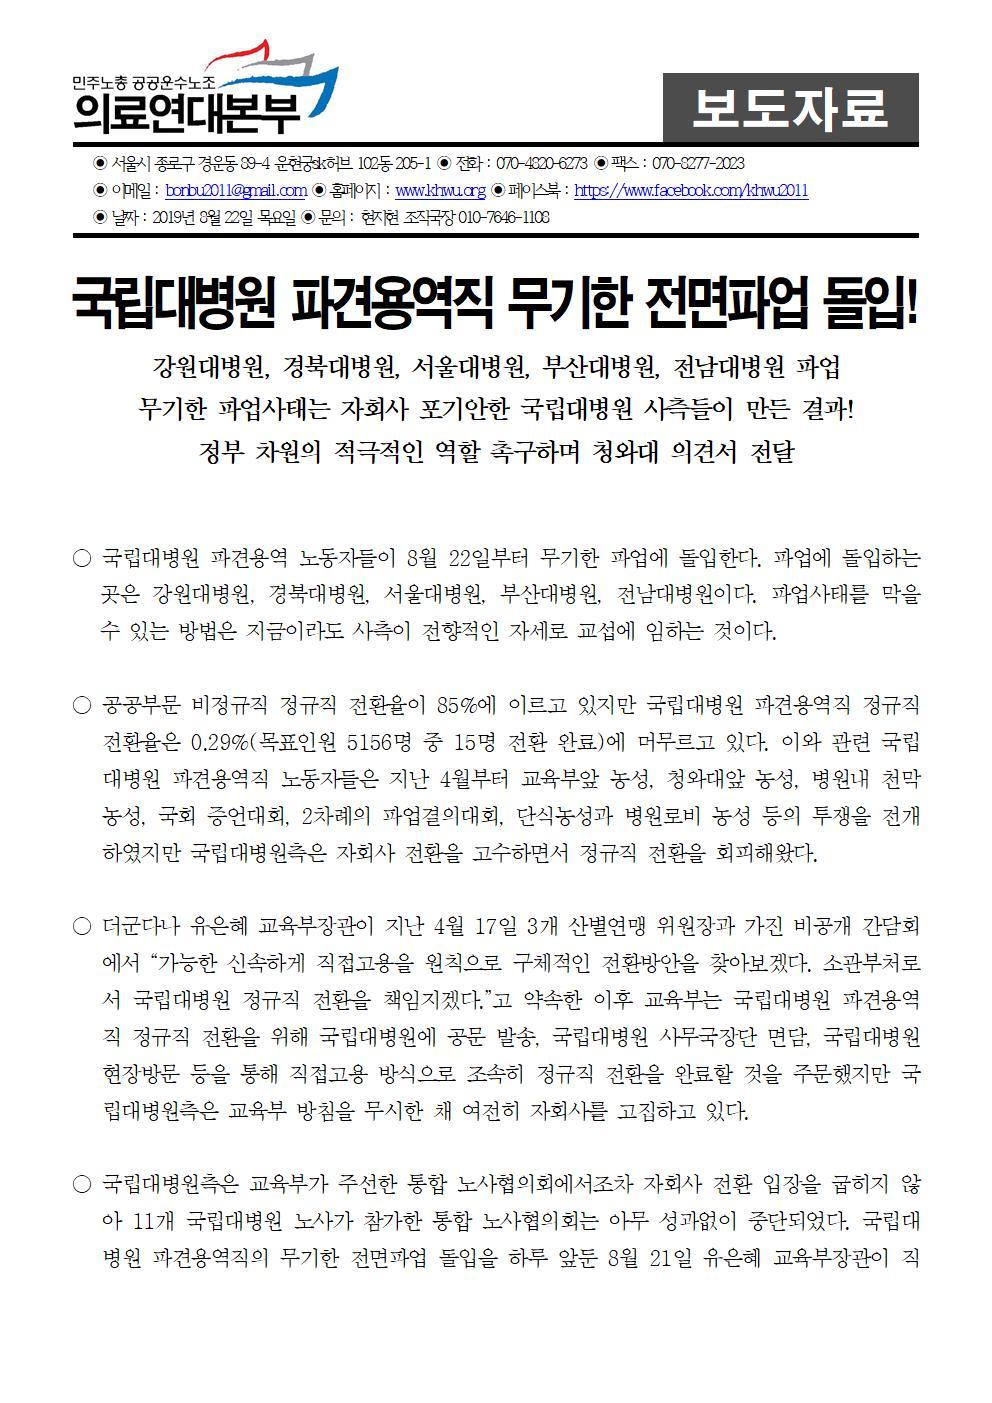 190822_보도자료_3차_공동파업,_무기한_파업돌입001.jpg